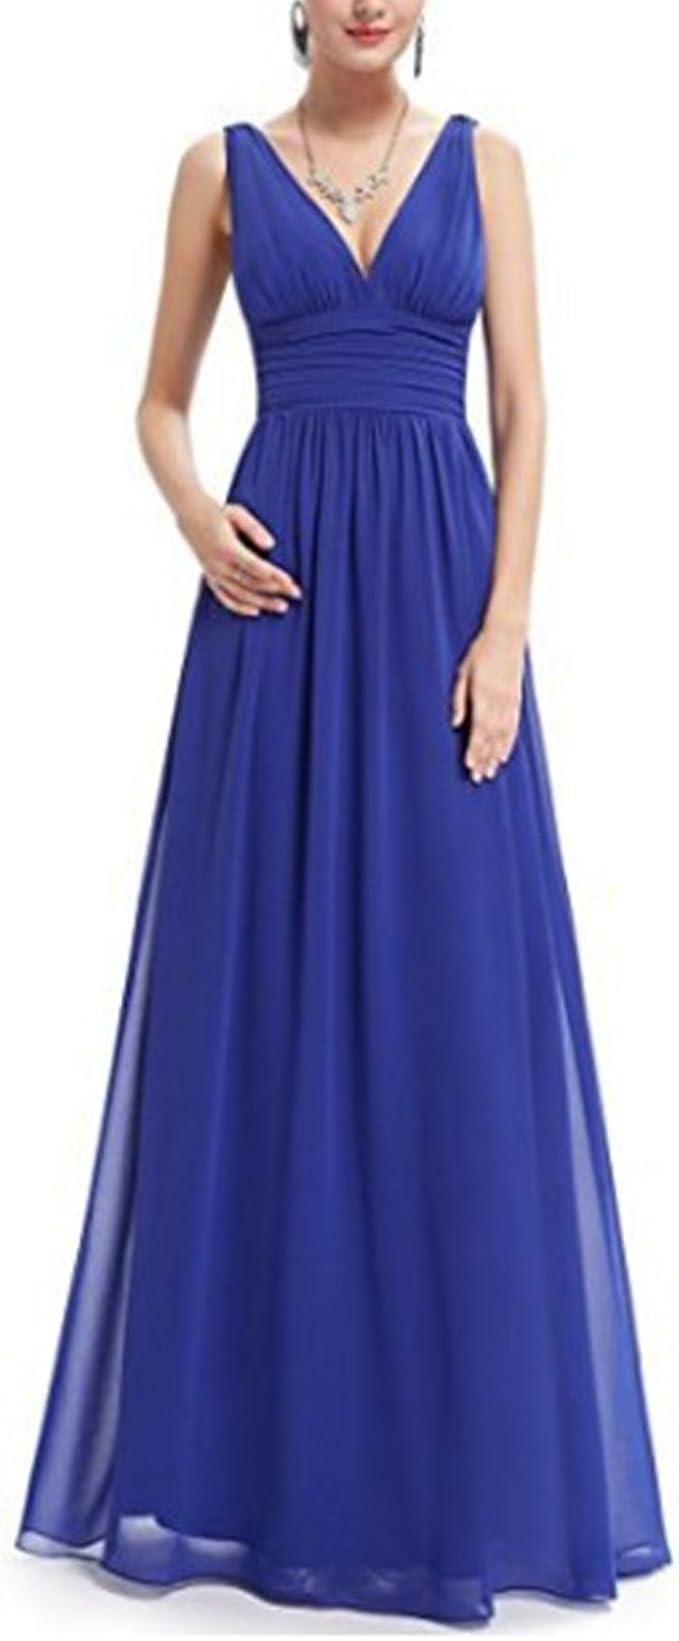 HANMAX Damen Elegant Chiffon Brautjungfer Kleider Abendkleid Lang